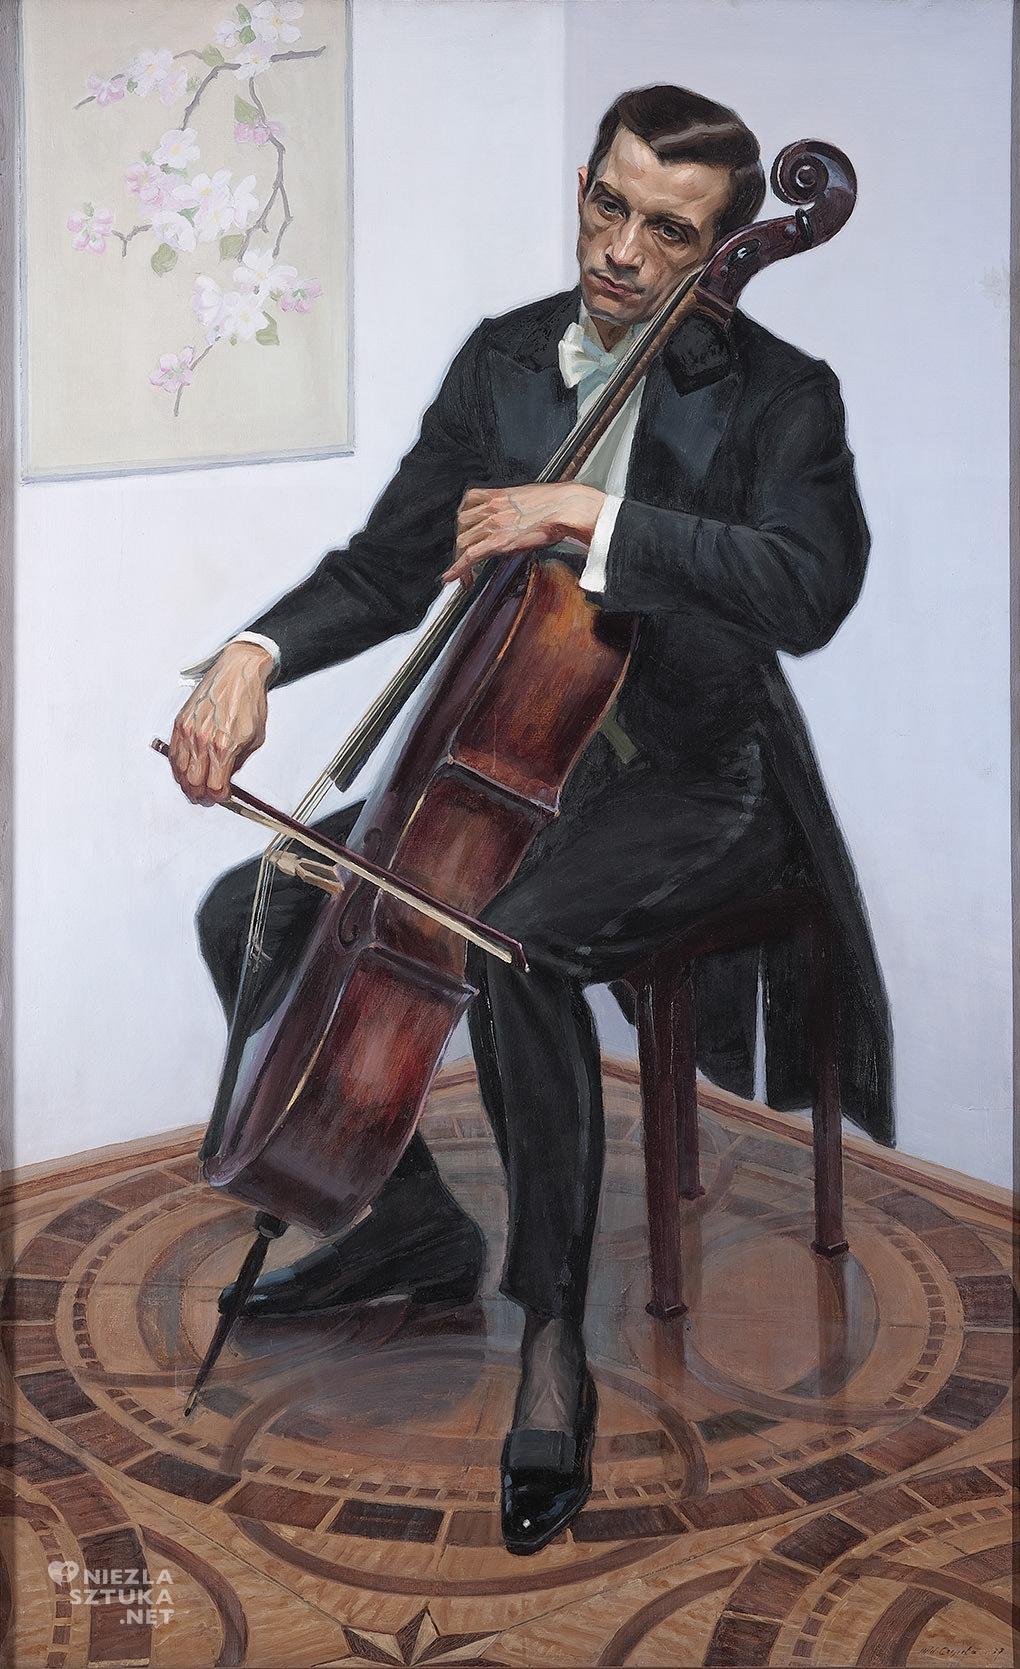 Michał Czepita, Portret artysty muzyka Piotra Chmielewskiego, 1927, Muzeum Narodowe w